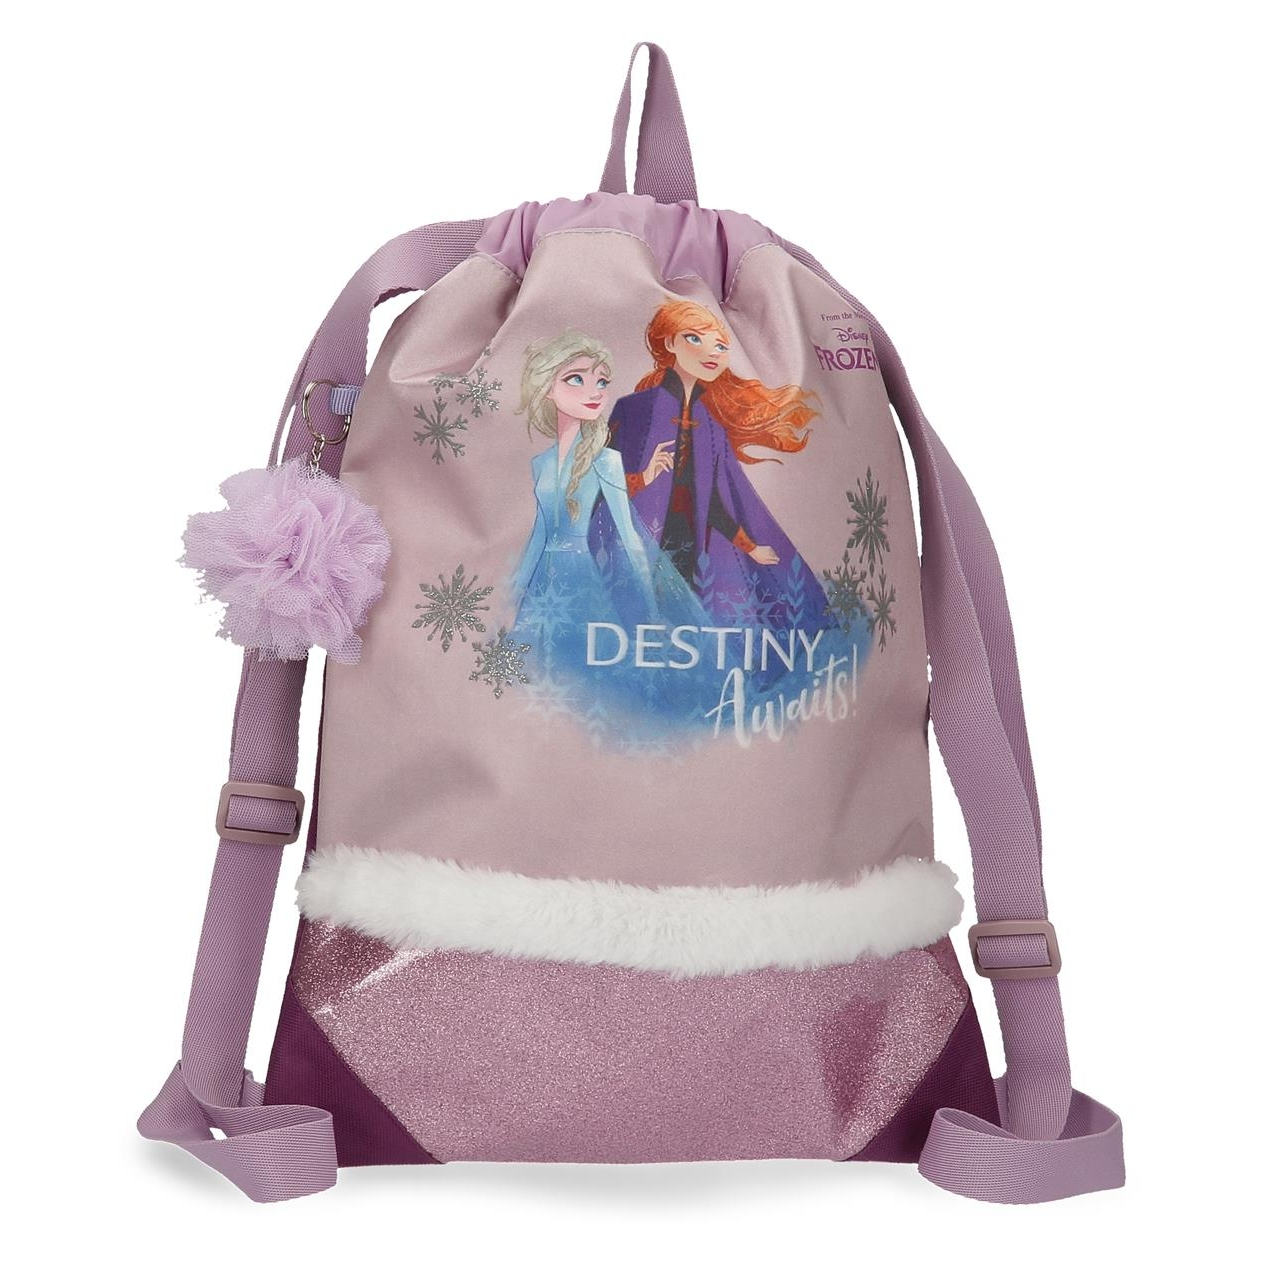 Gympapåse Frost 2 Destiny Awaits